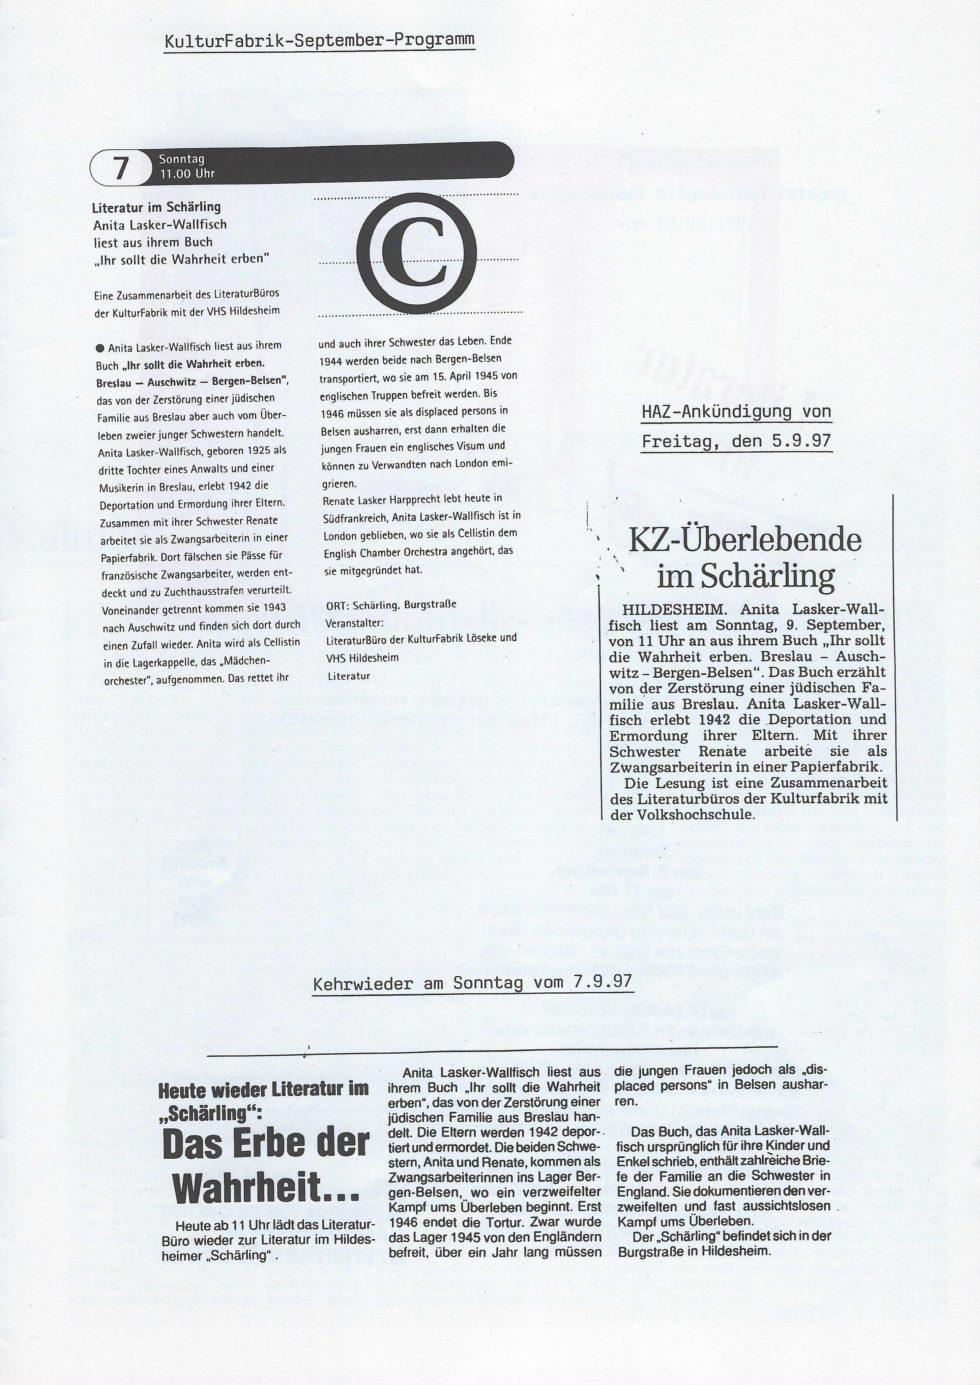 6_Weiteres_1997_Anita-Lasker-Wallfisch